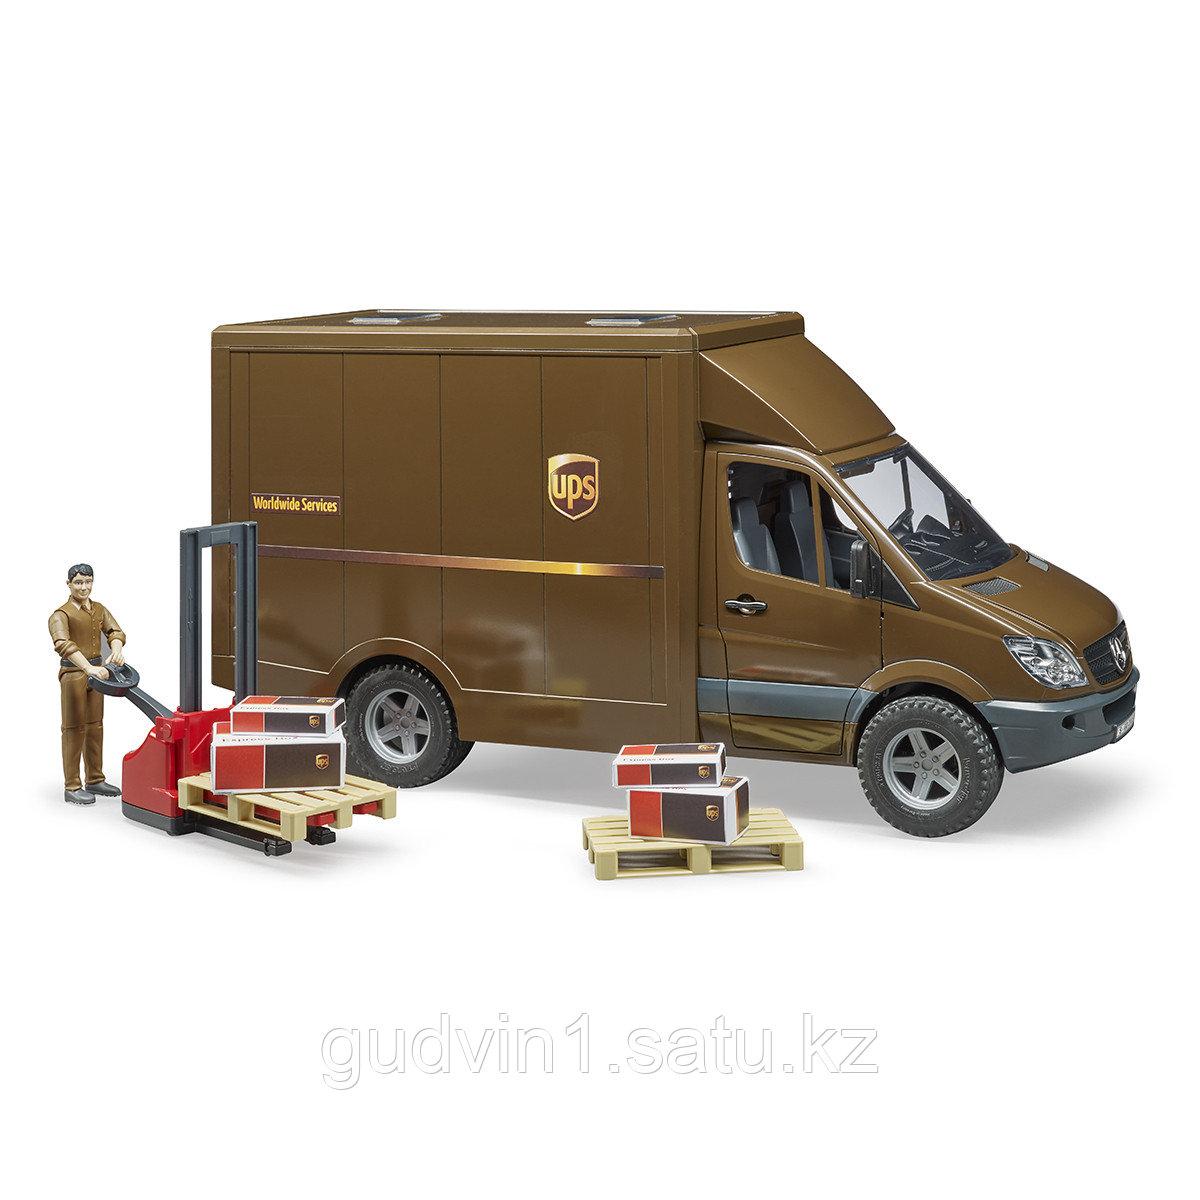 Mercedes-Benz Sprinter фургон UPS с фигуркой, погрузчиком и аксессуарами Bruder 02-538